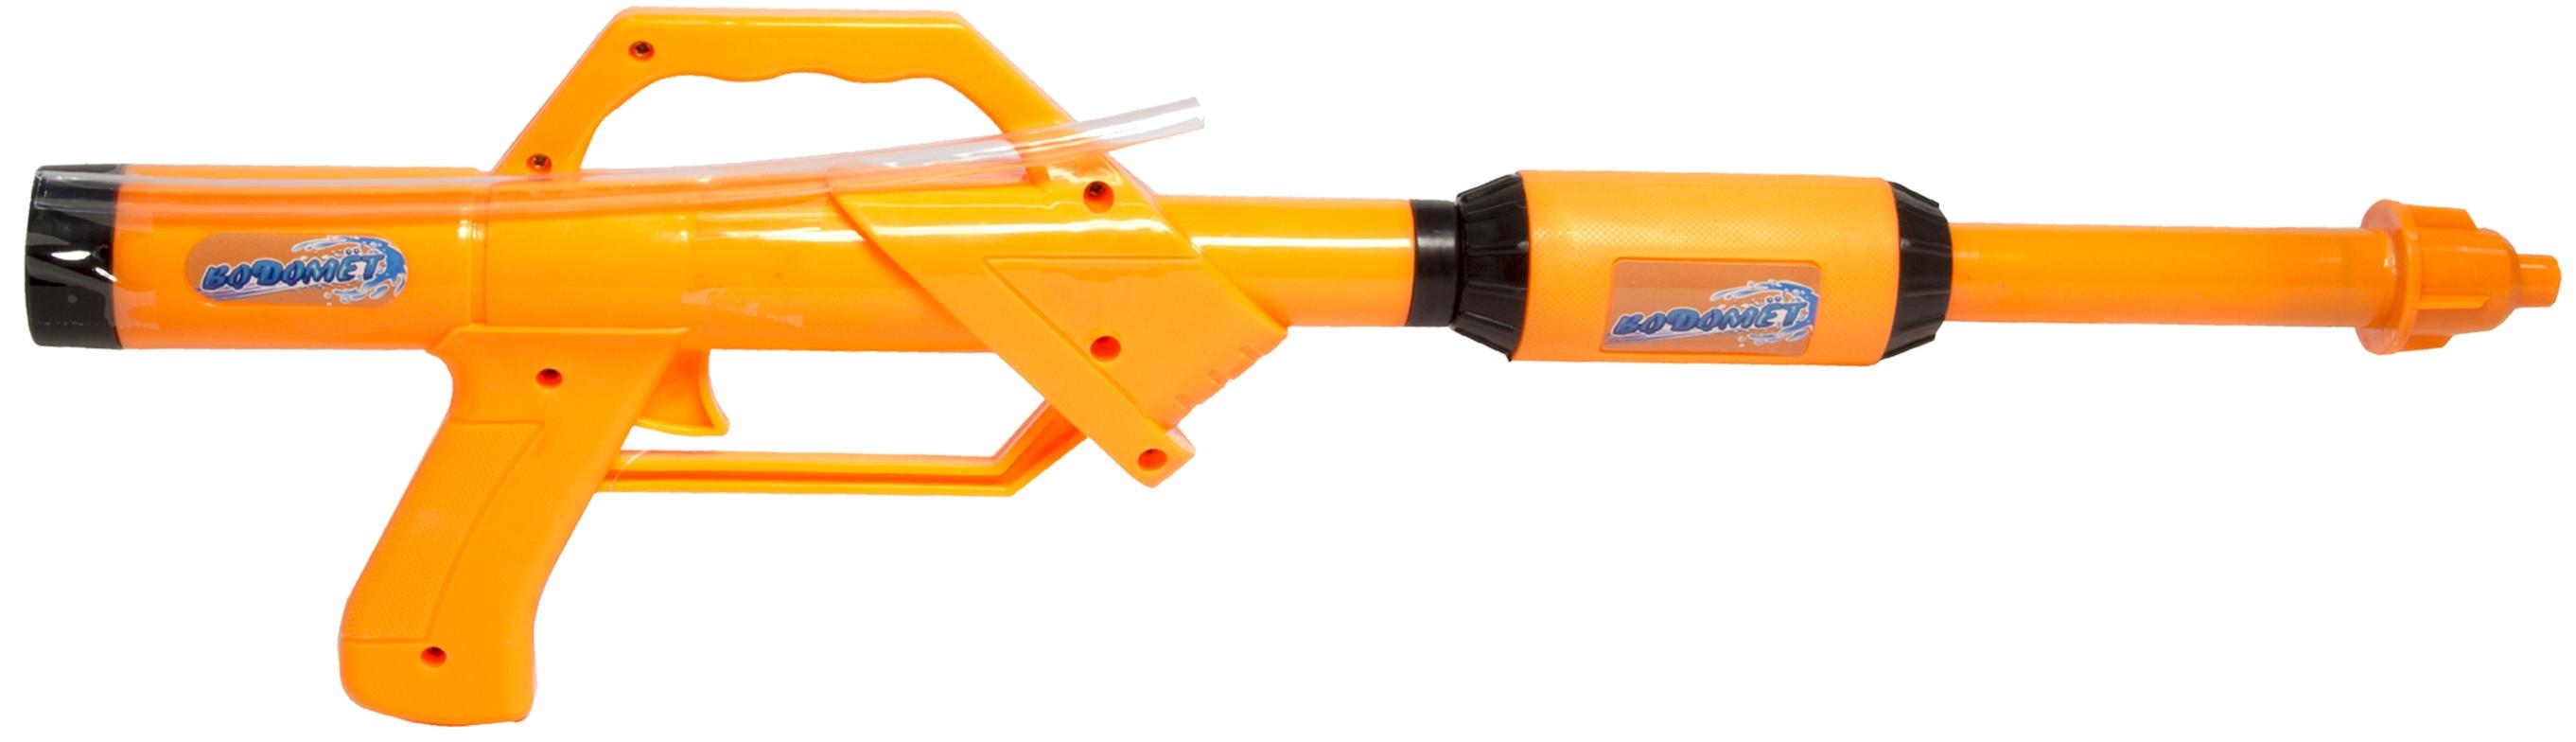 Водное оружие 1toy Водомет 1TOY с помповым механизмом игра 1toy сумочка furby волна т57556